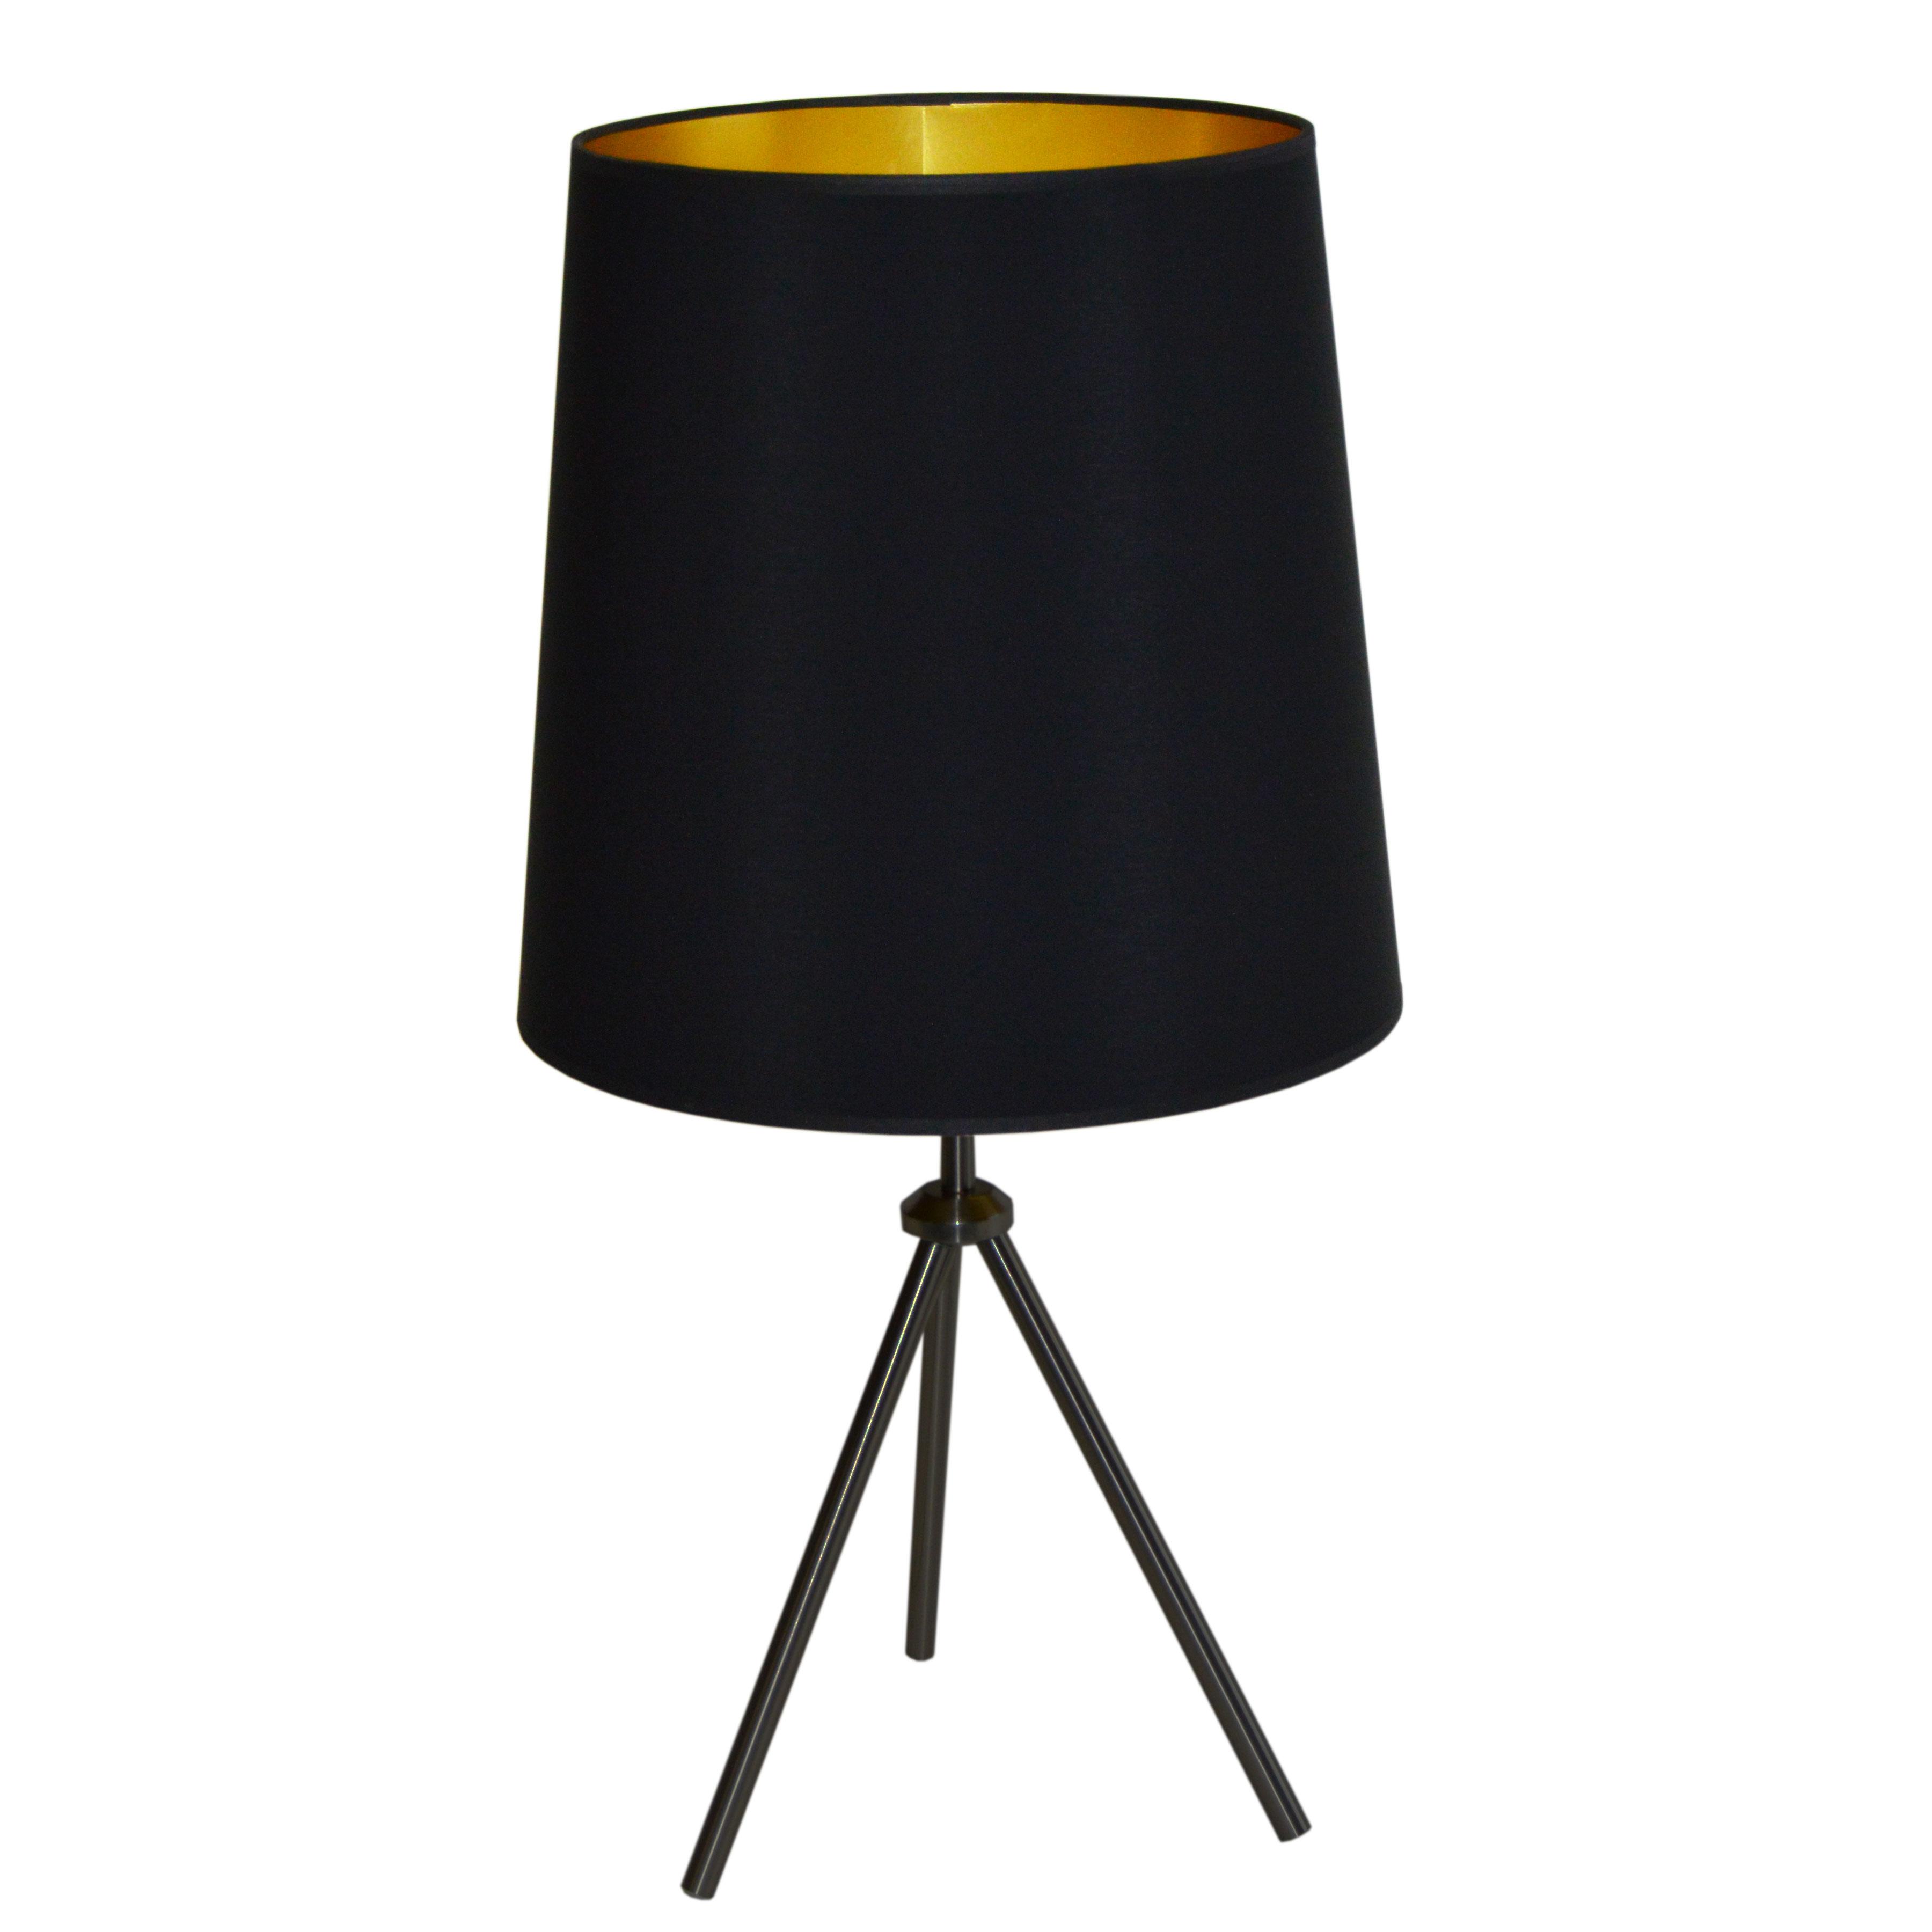 1LT 3 Leg Drum Table Fixture w/BK-GLD Shd